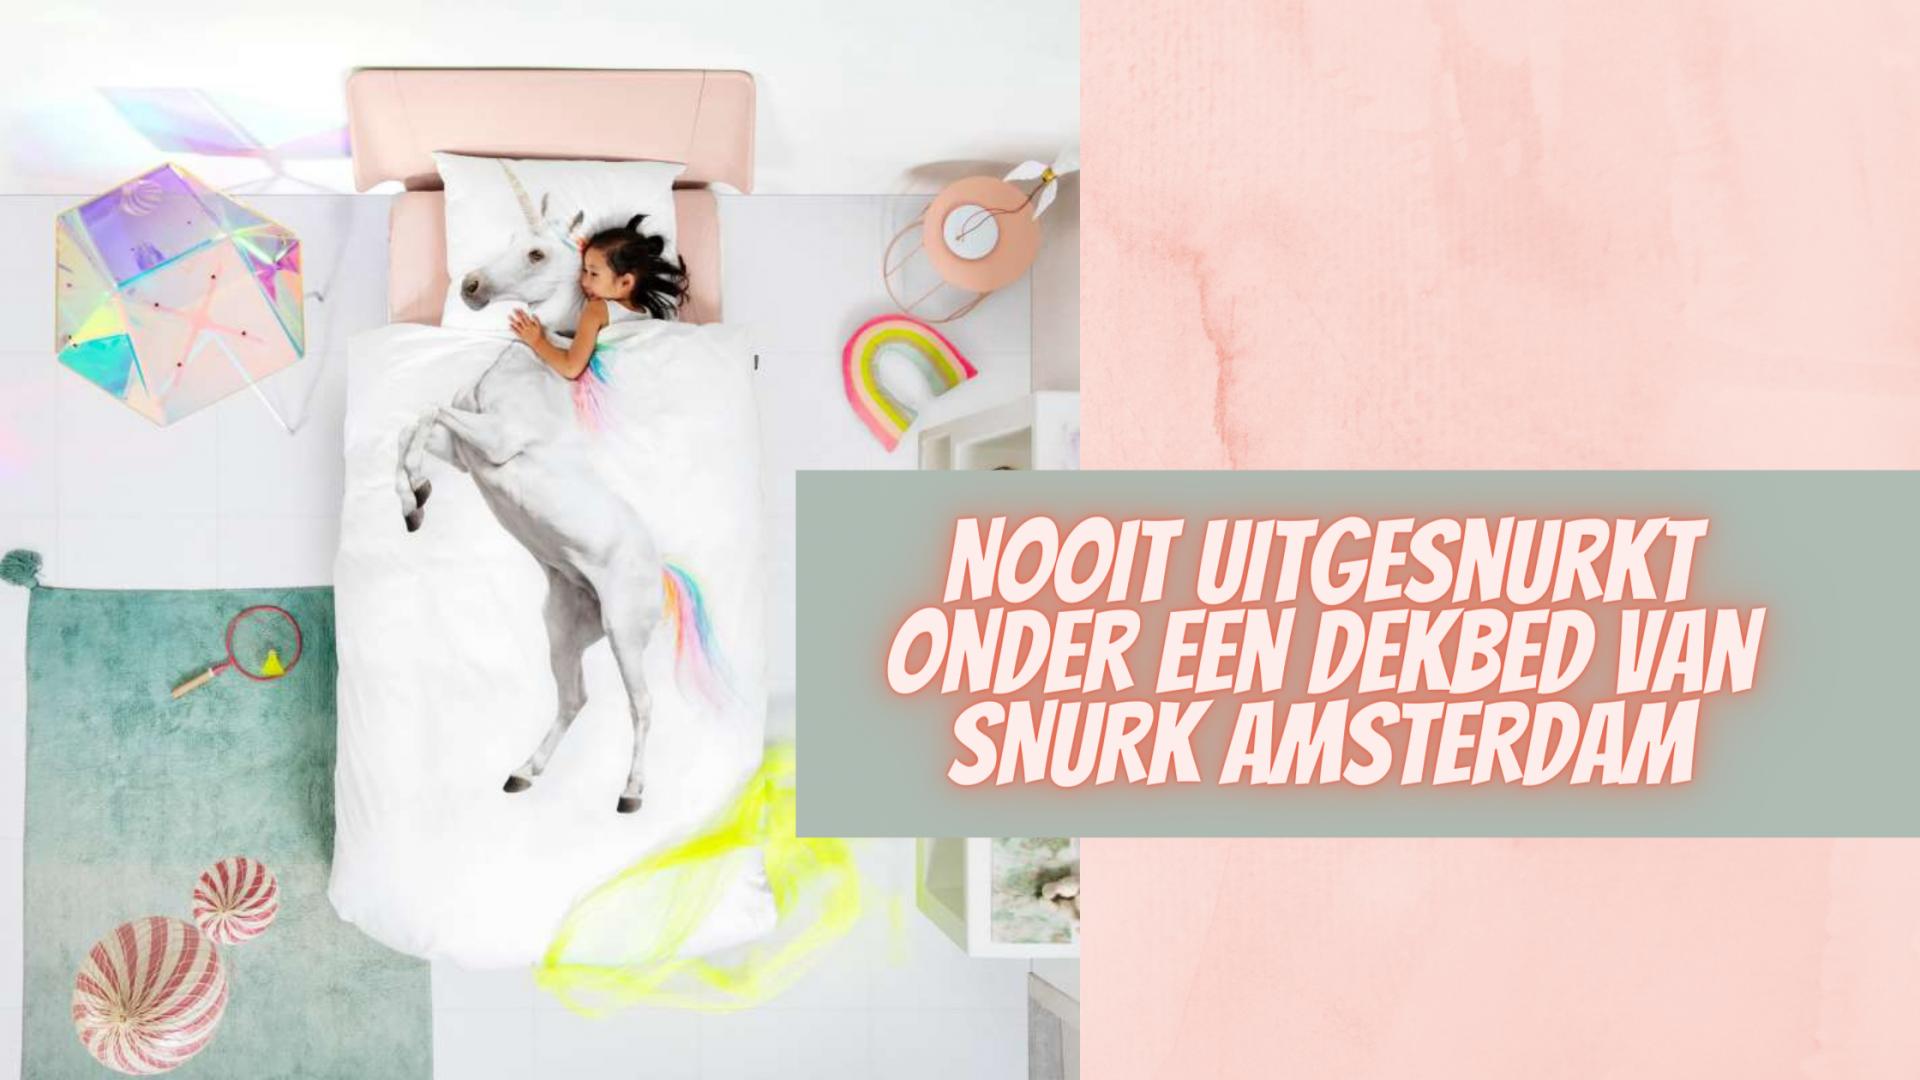 Nooit uitgesnurkt onder een dekbed van SNURK AMSTERDAM